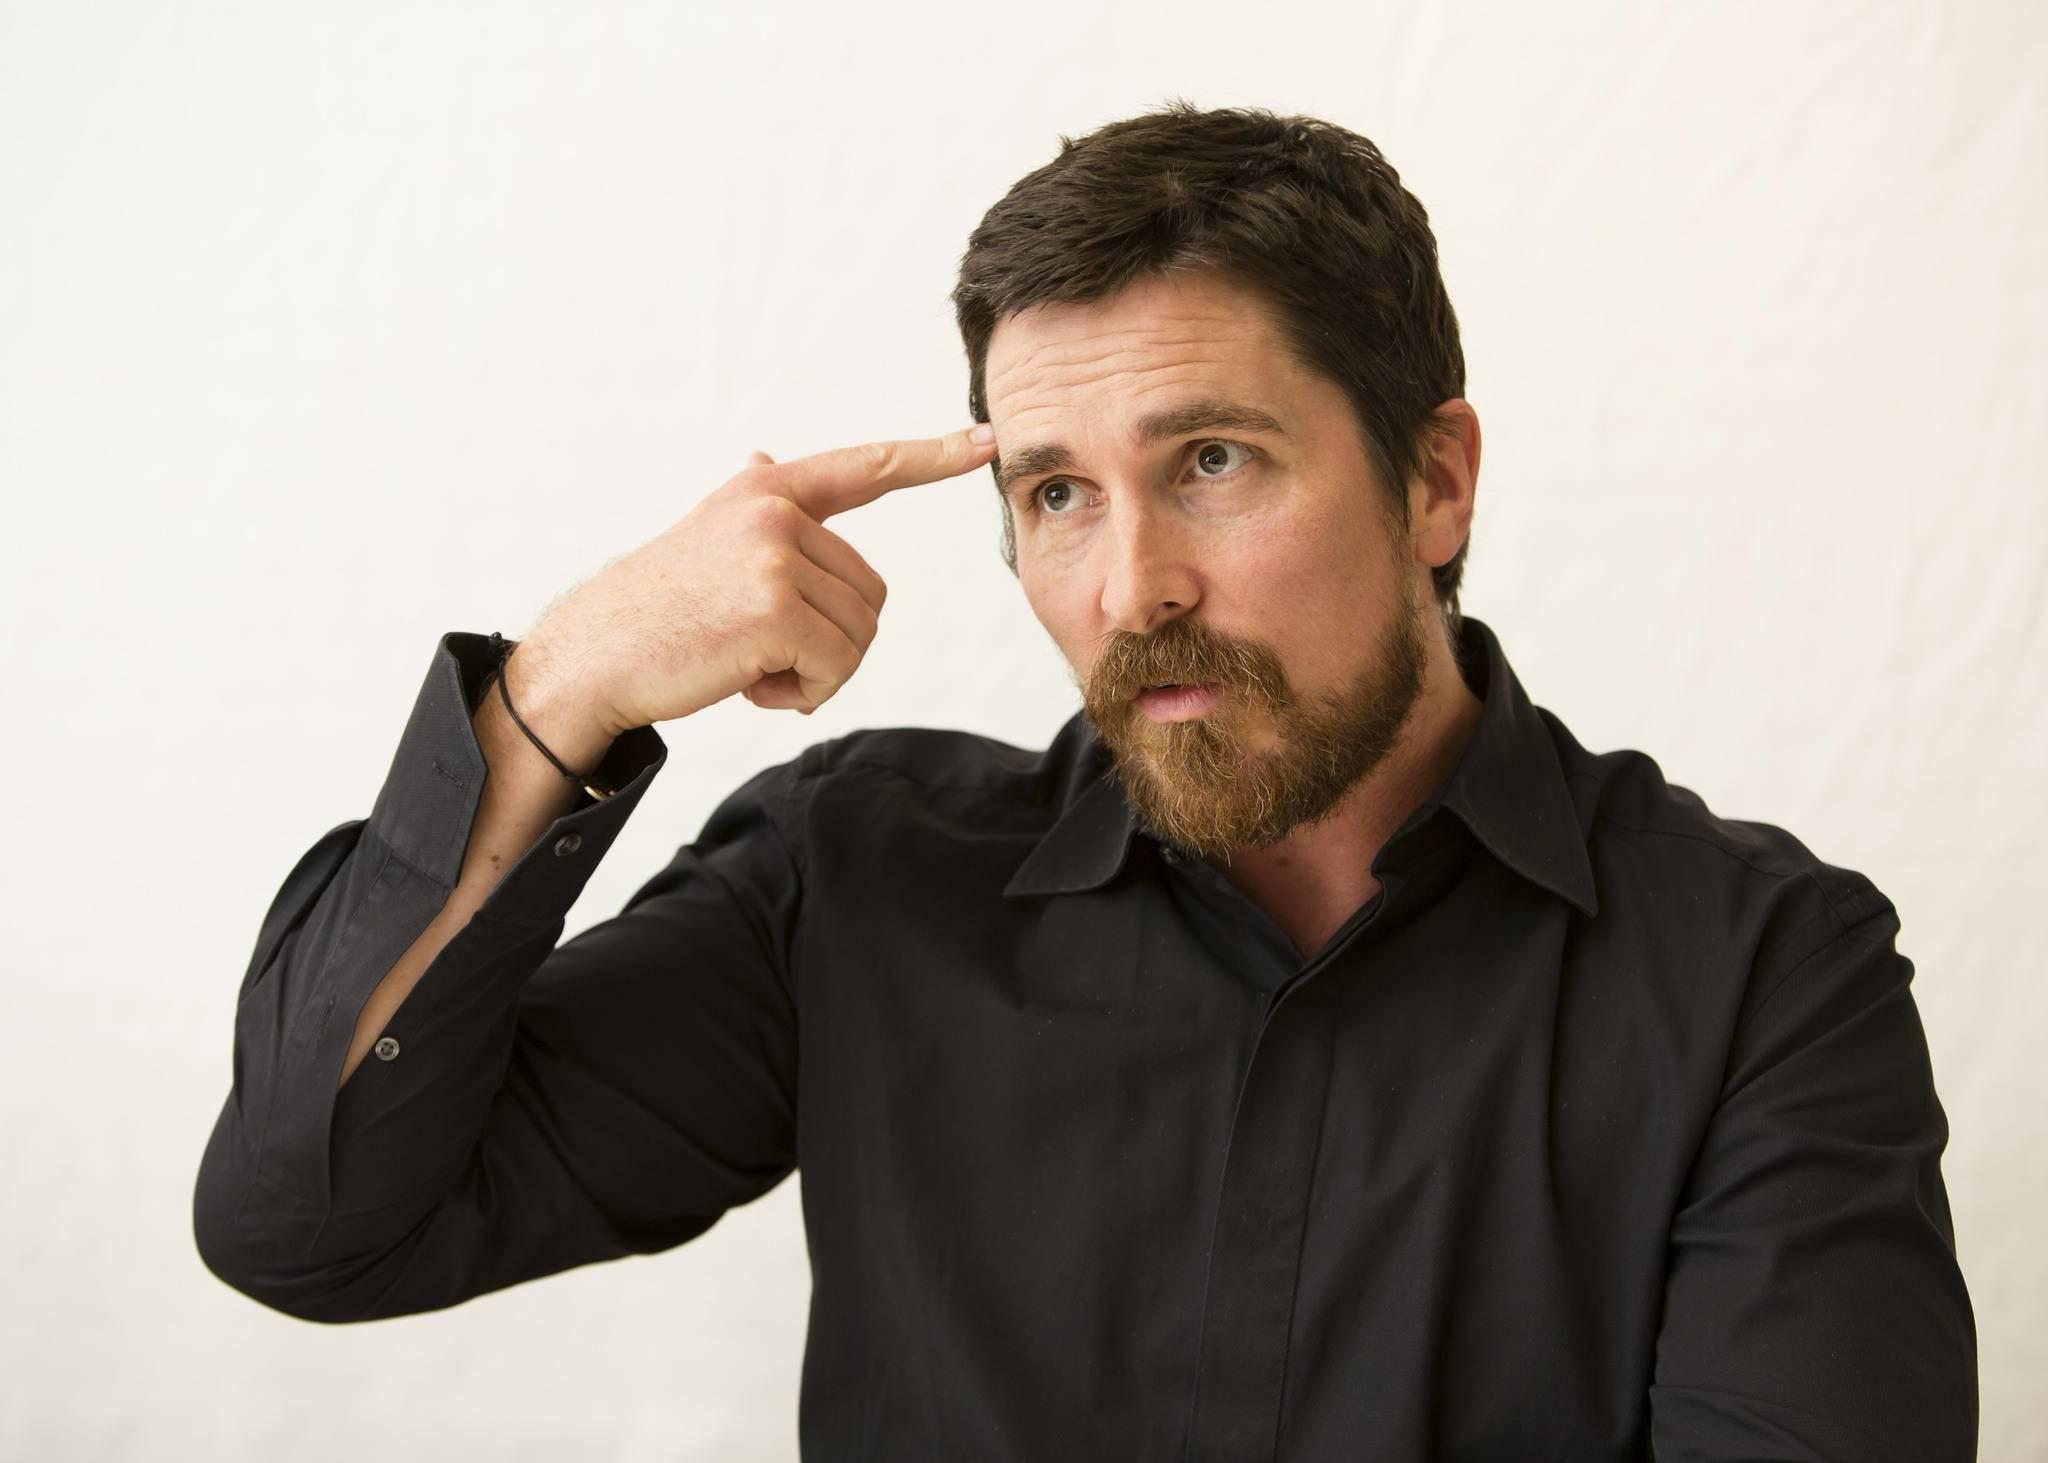 Auch für Christian Bale sind Fans eher ein notwendiges Übel.